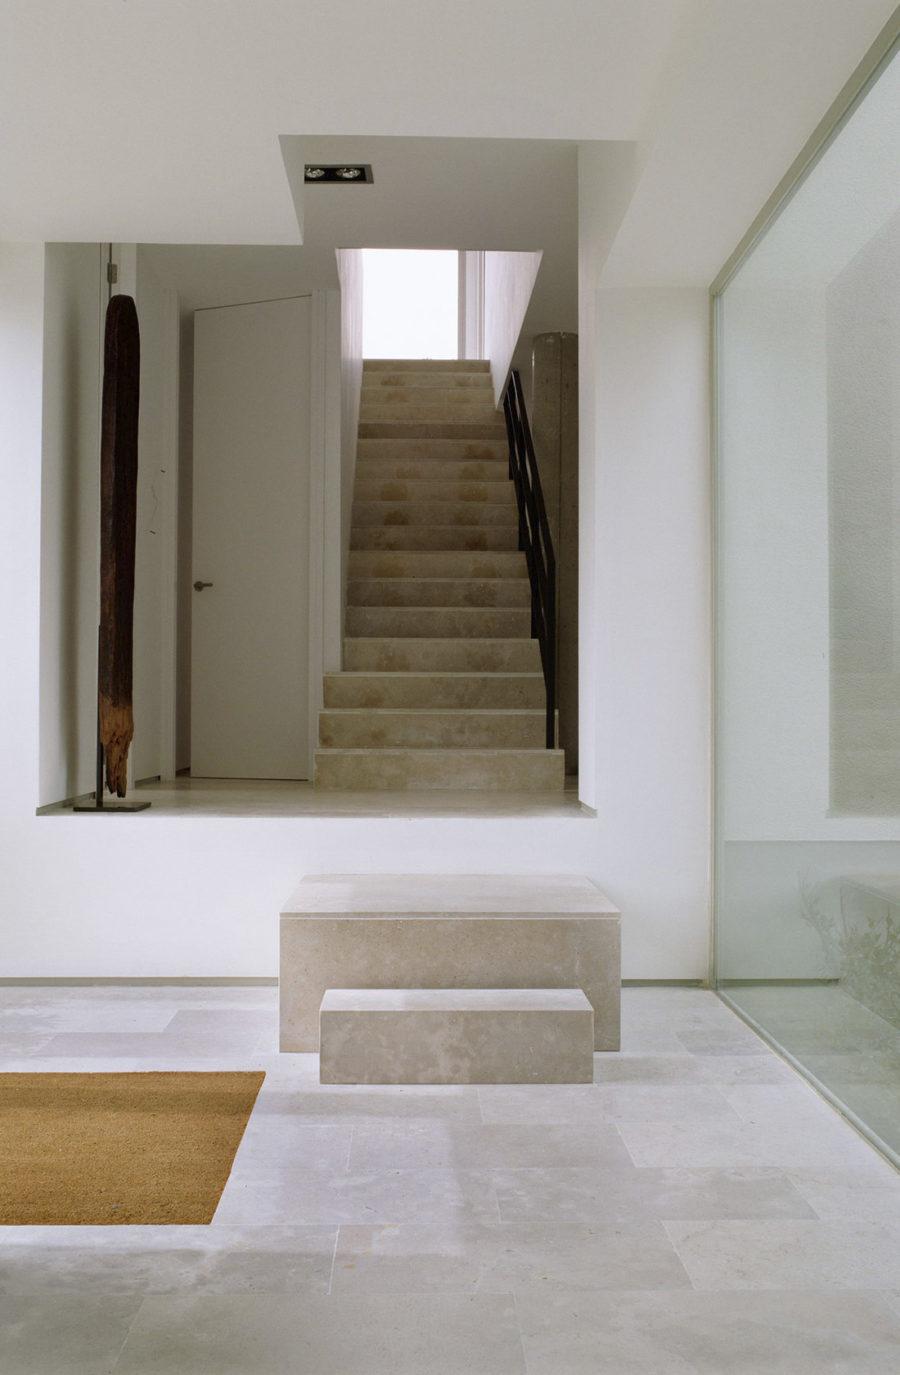 Detalle de las escaleras interiores del Proyecto de ÁBATON Arquitectura Casa del Pico